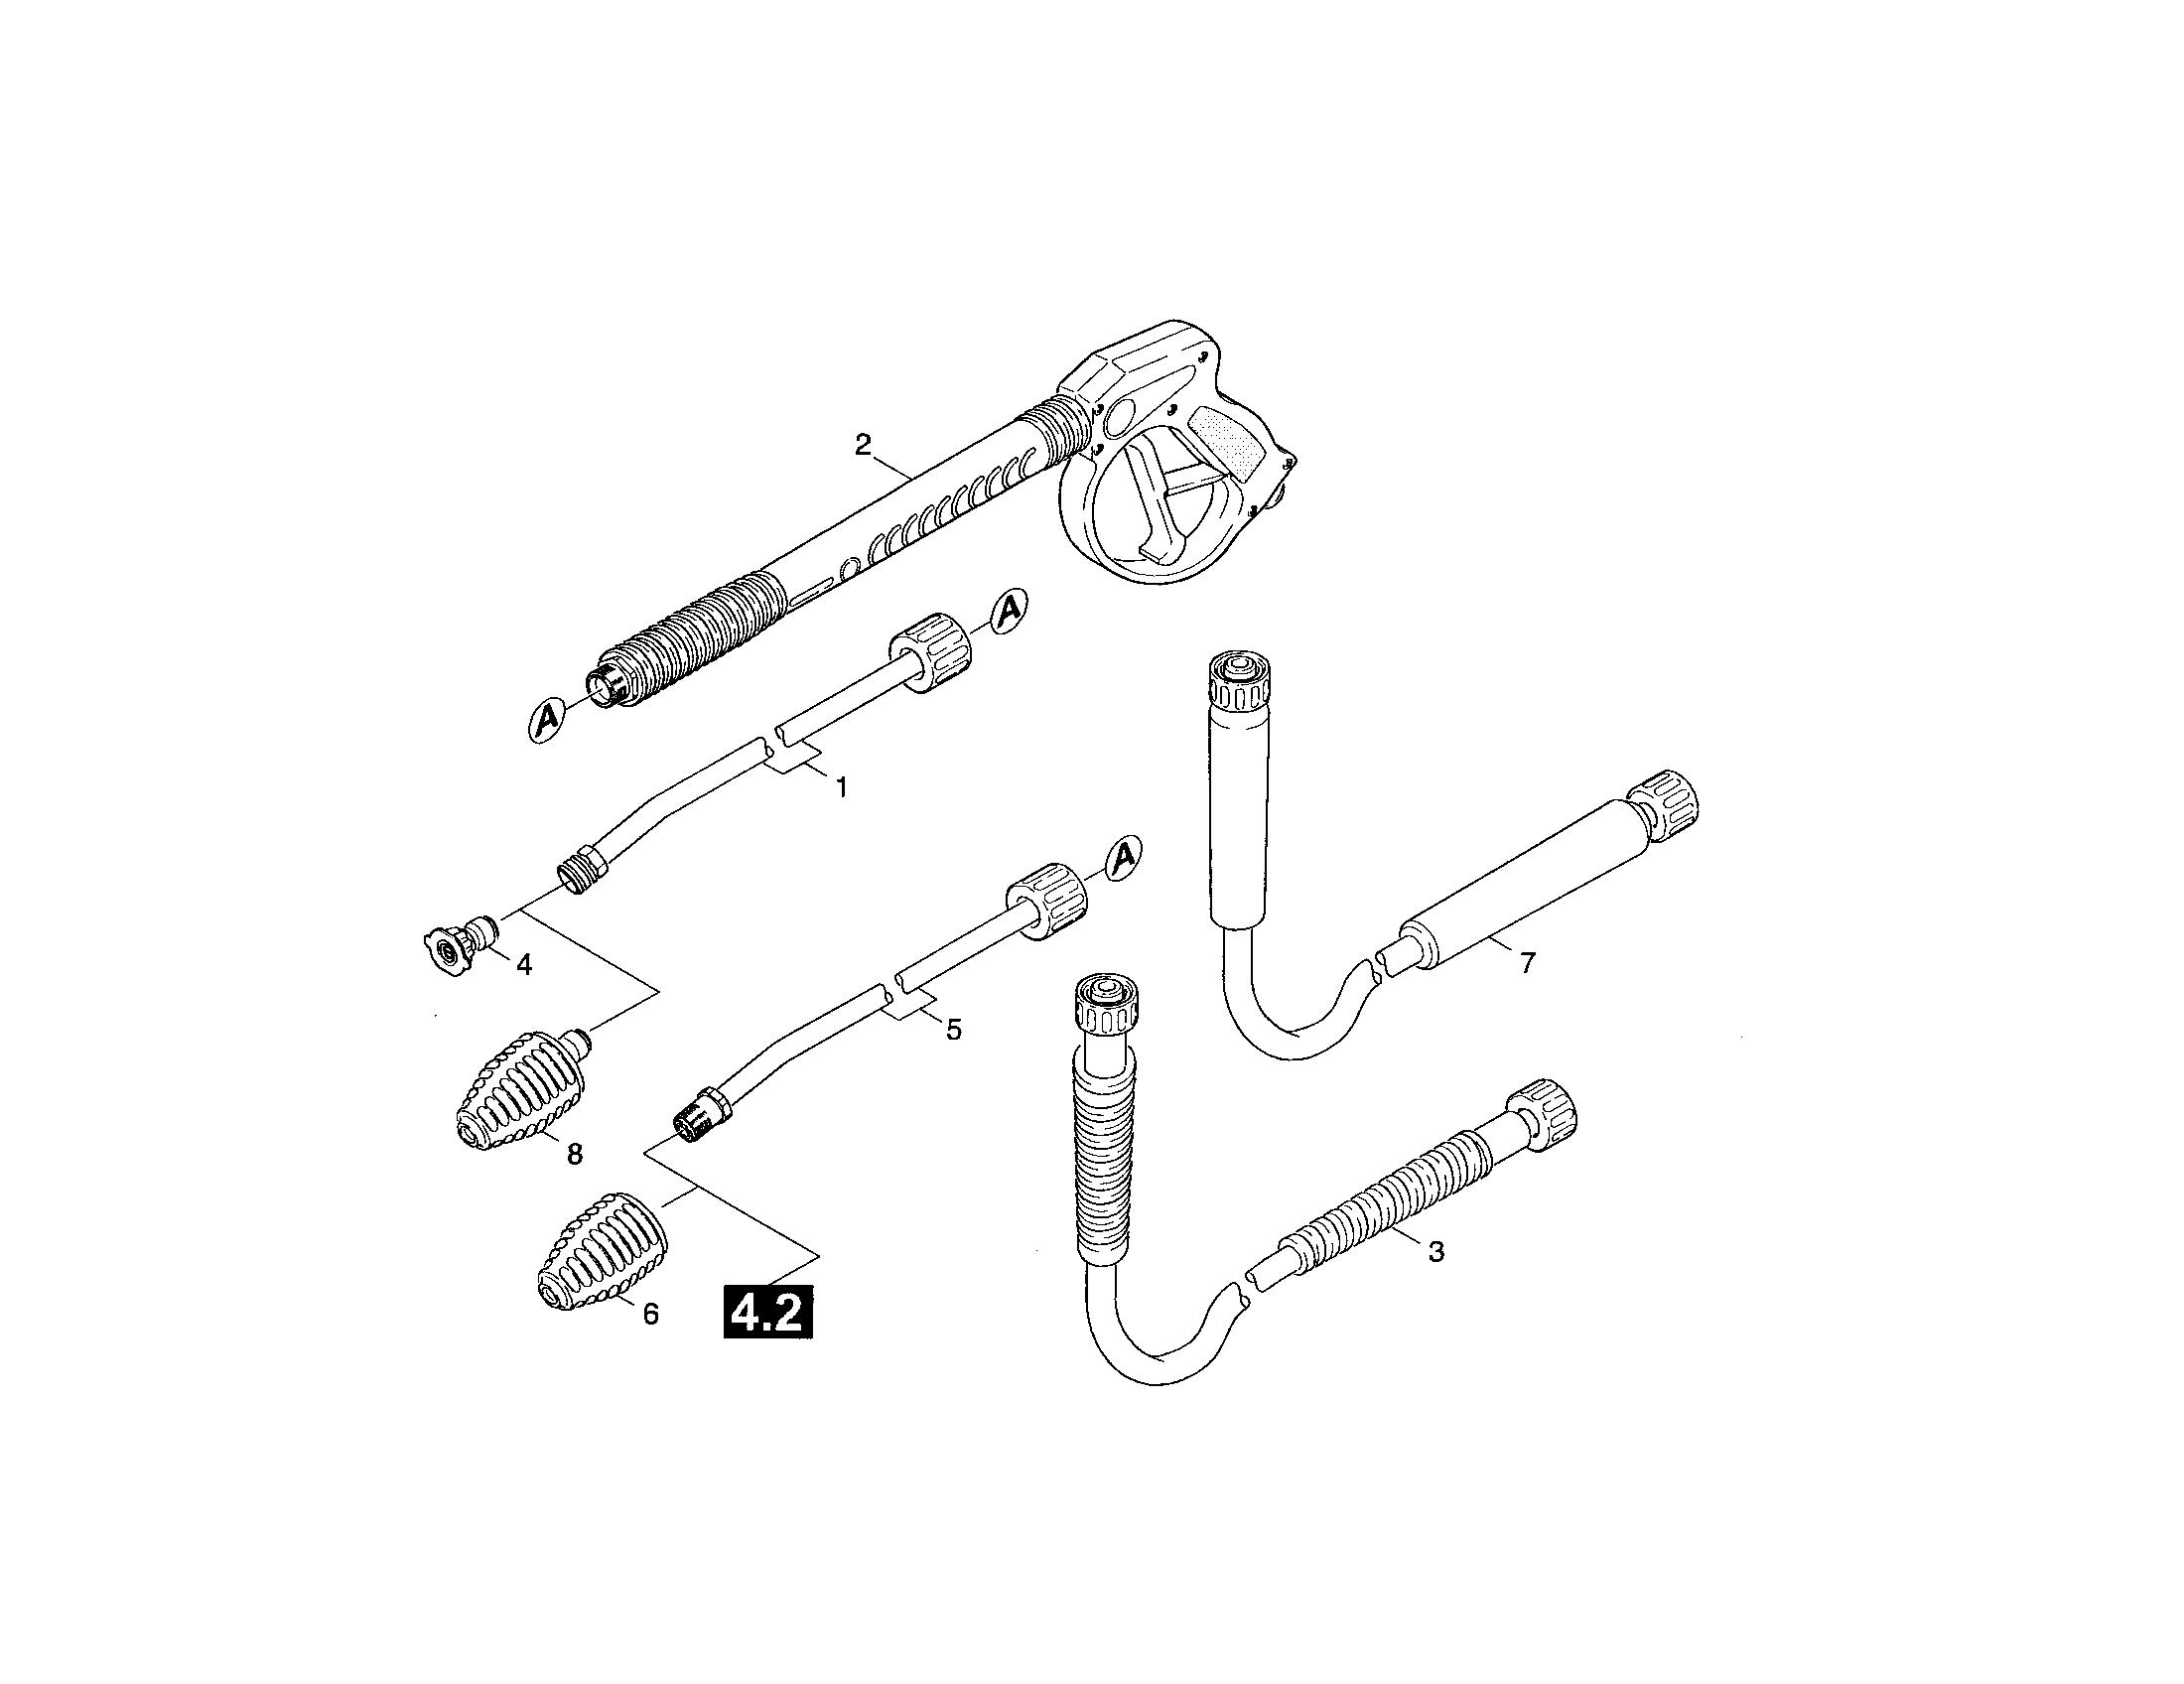 ACCESSORIES Diagram & Parts List for Model k2400hh Karcher